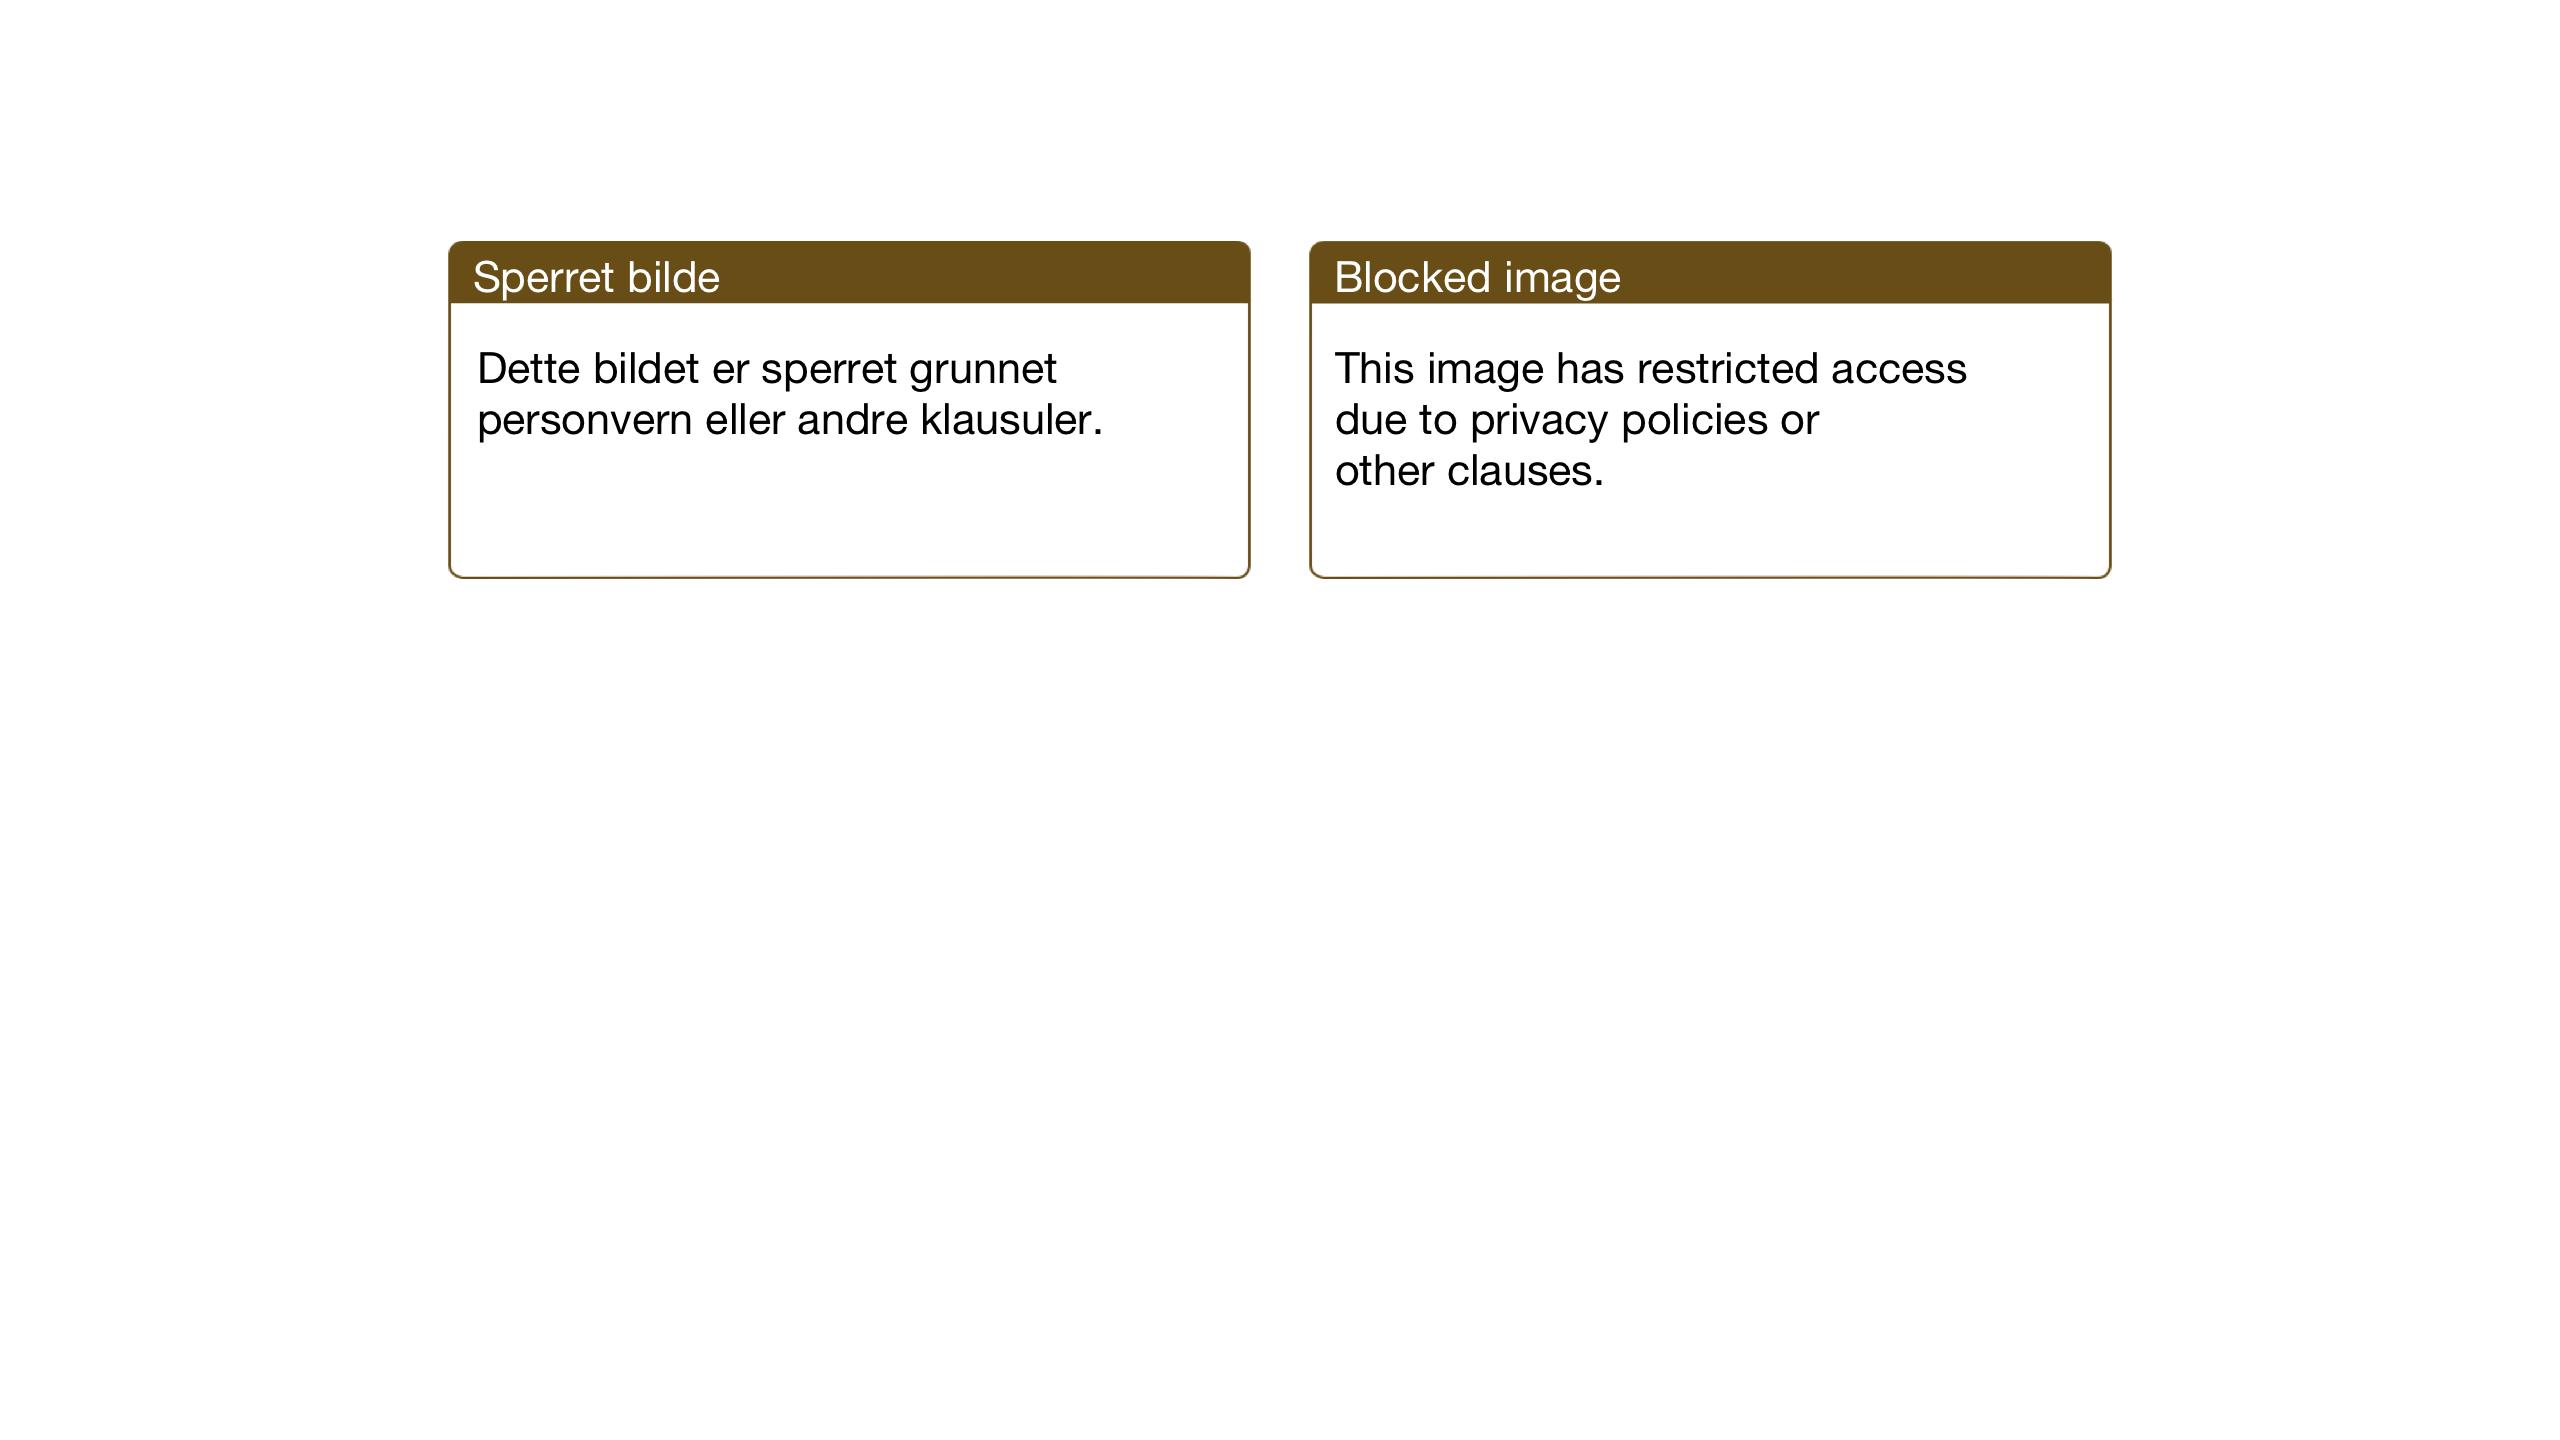 SAT, Ministerialprotokoller, klokkerbøker og fødselsregistre - Sør-Trøndelag, 617/L0432: Klokkerbok nr. 617C03, 1936-1942, s. 9